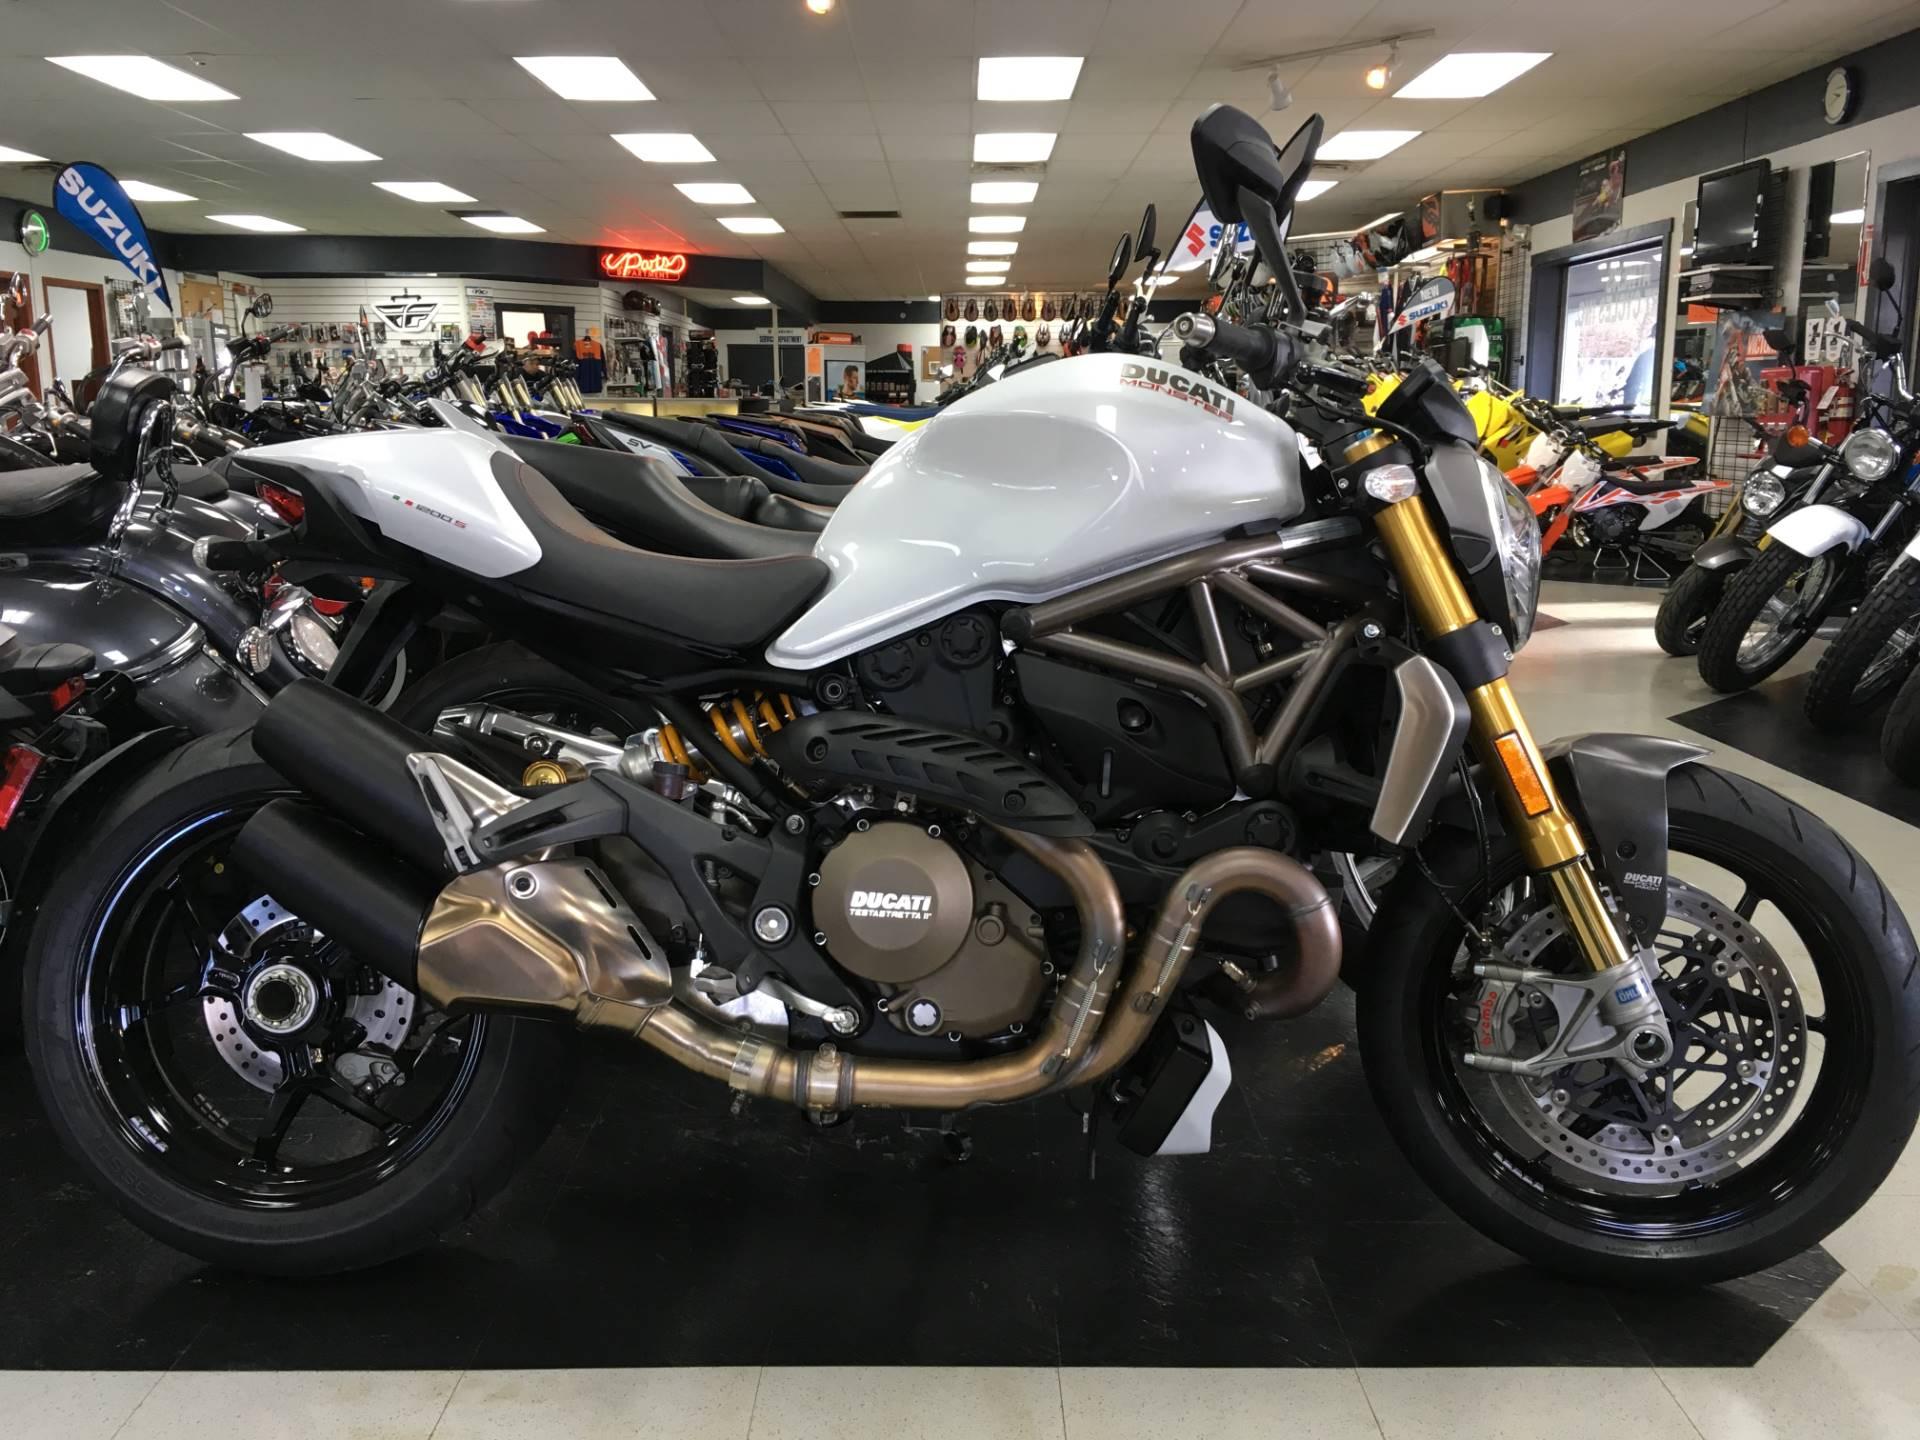 2015 Monster 1200 S